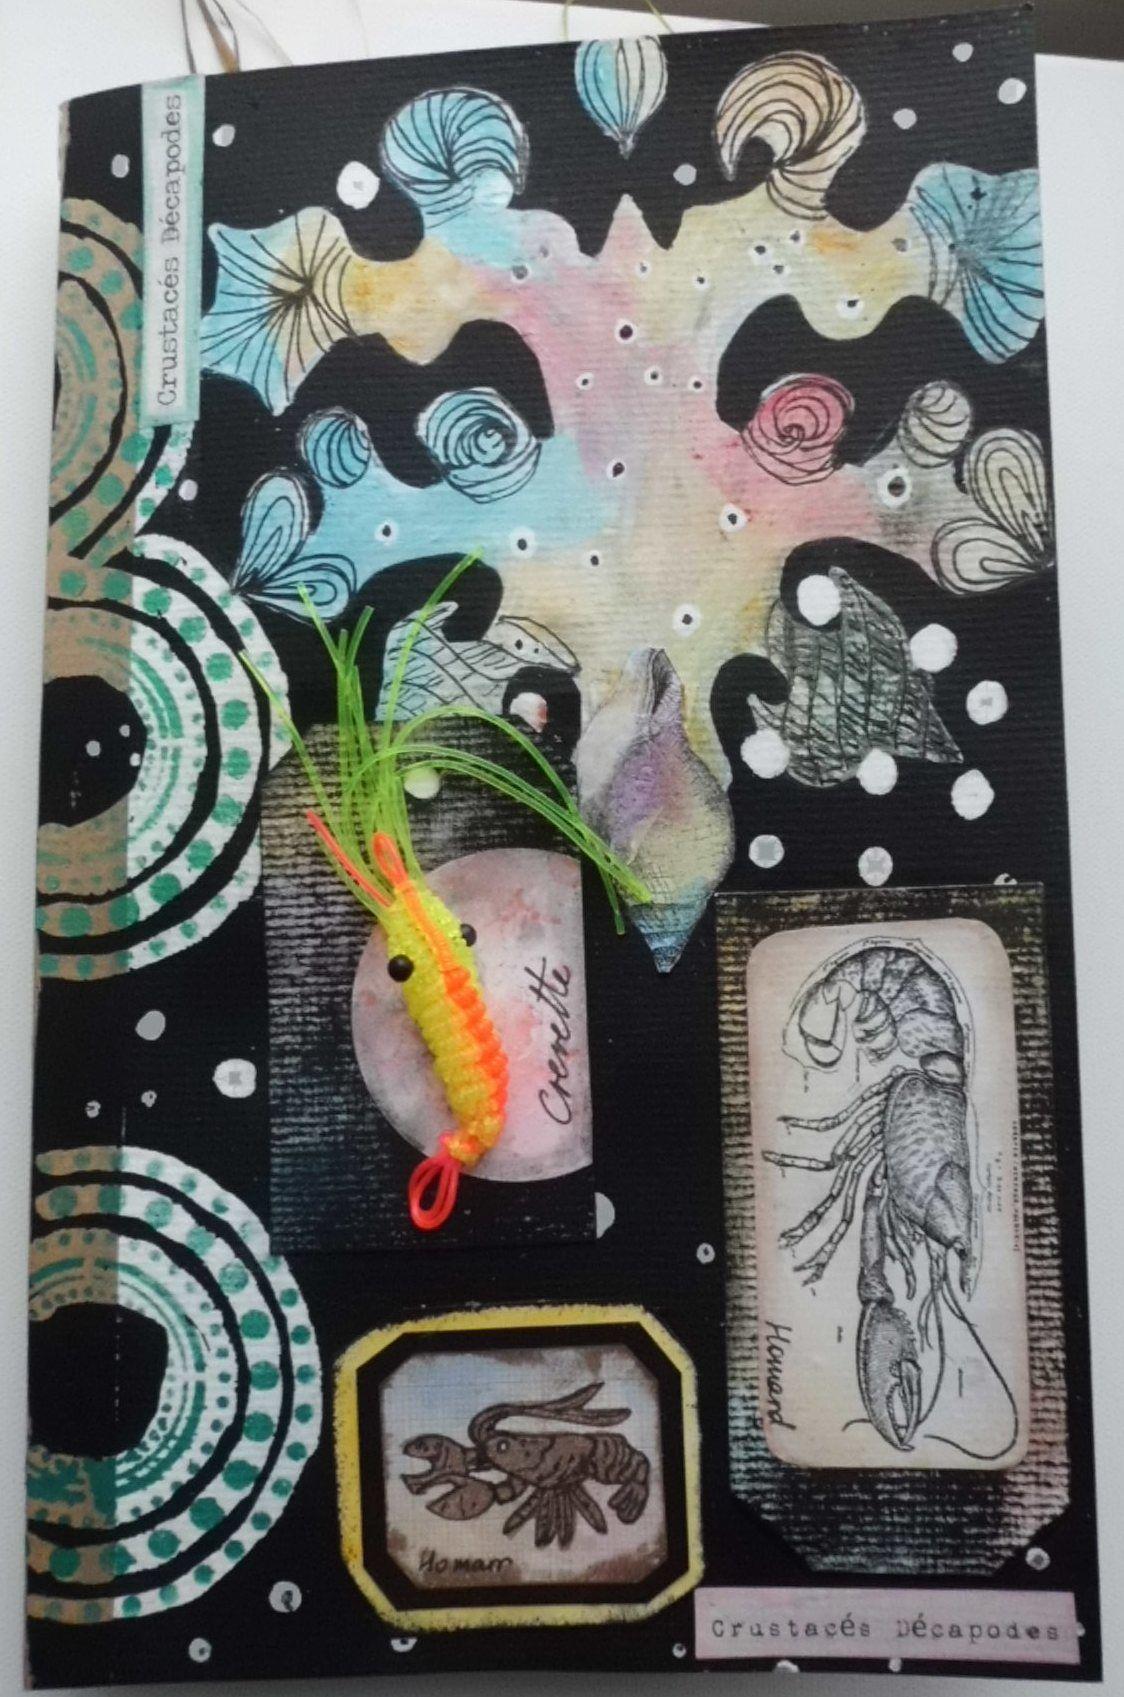 Cabinets de curiosités: les crustacés décapodes